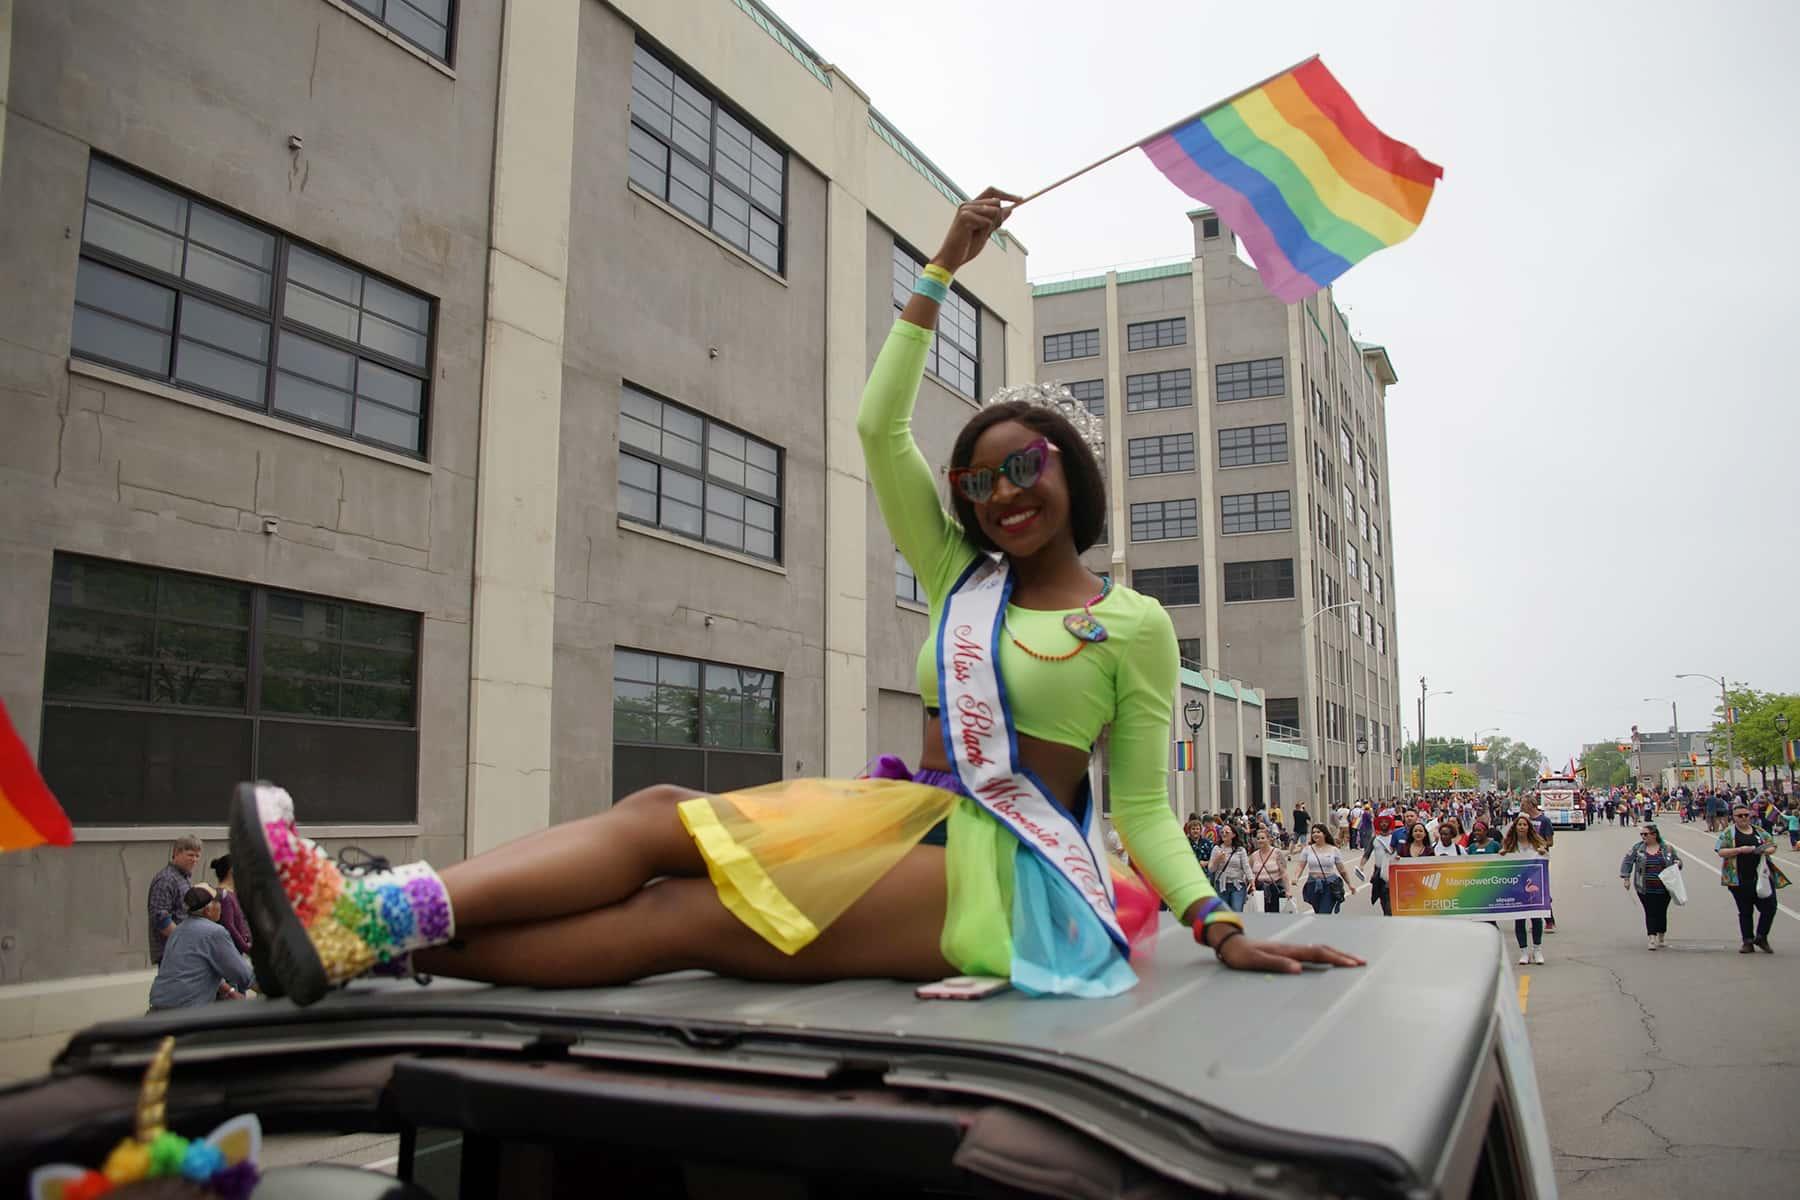 060919_pride2019parade_1700